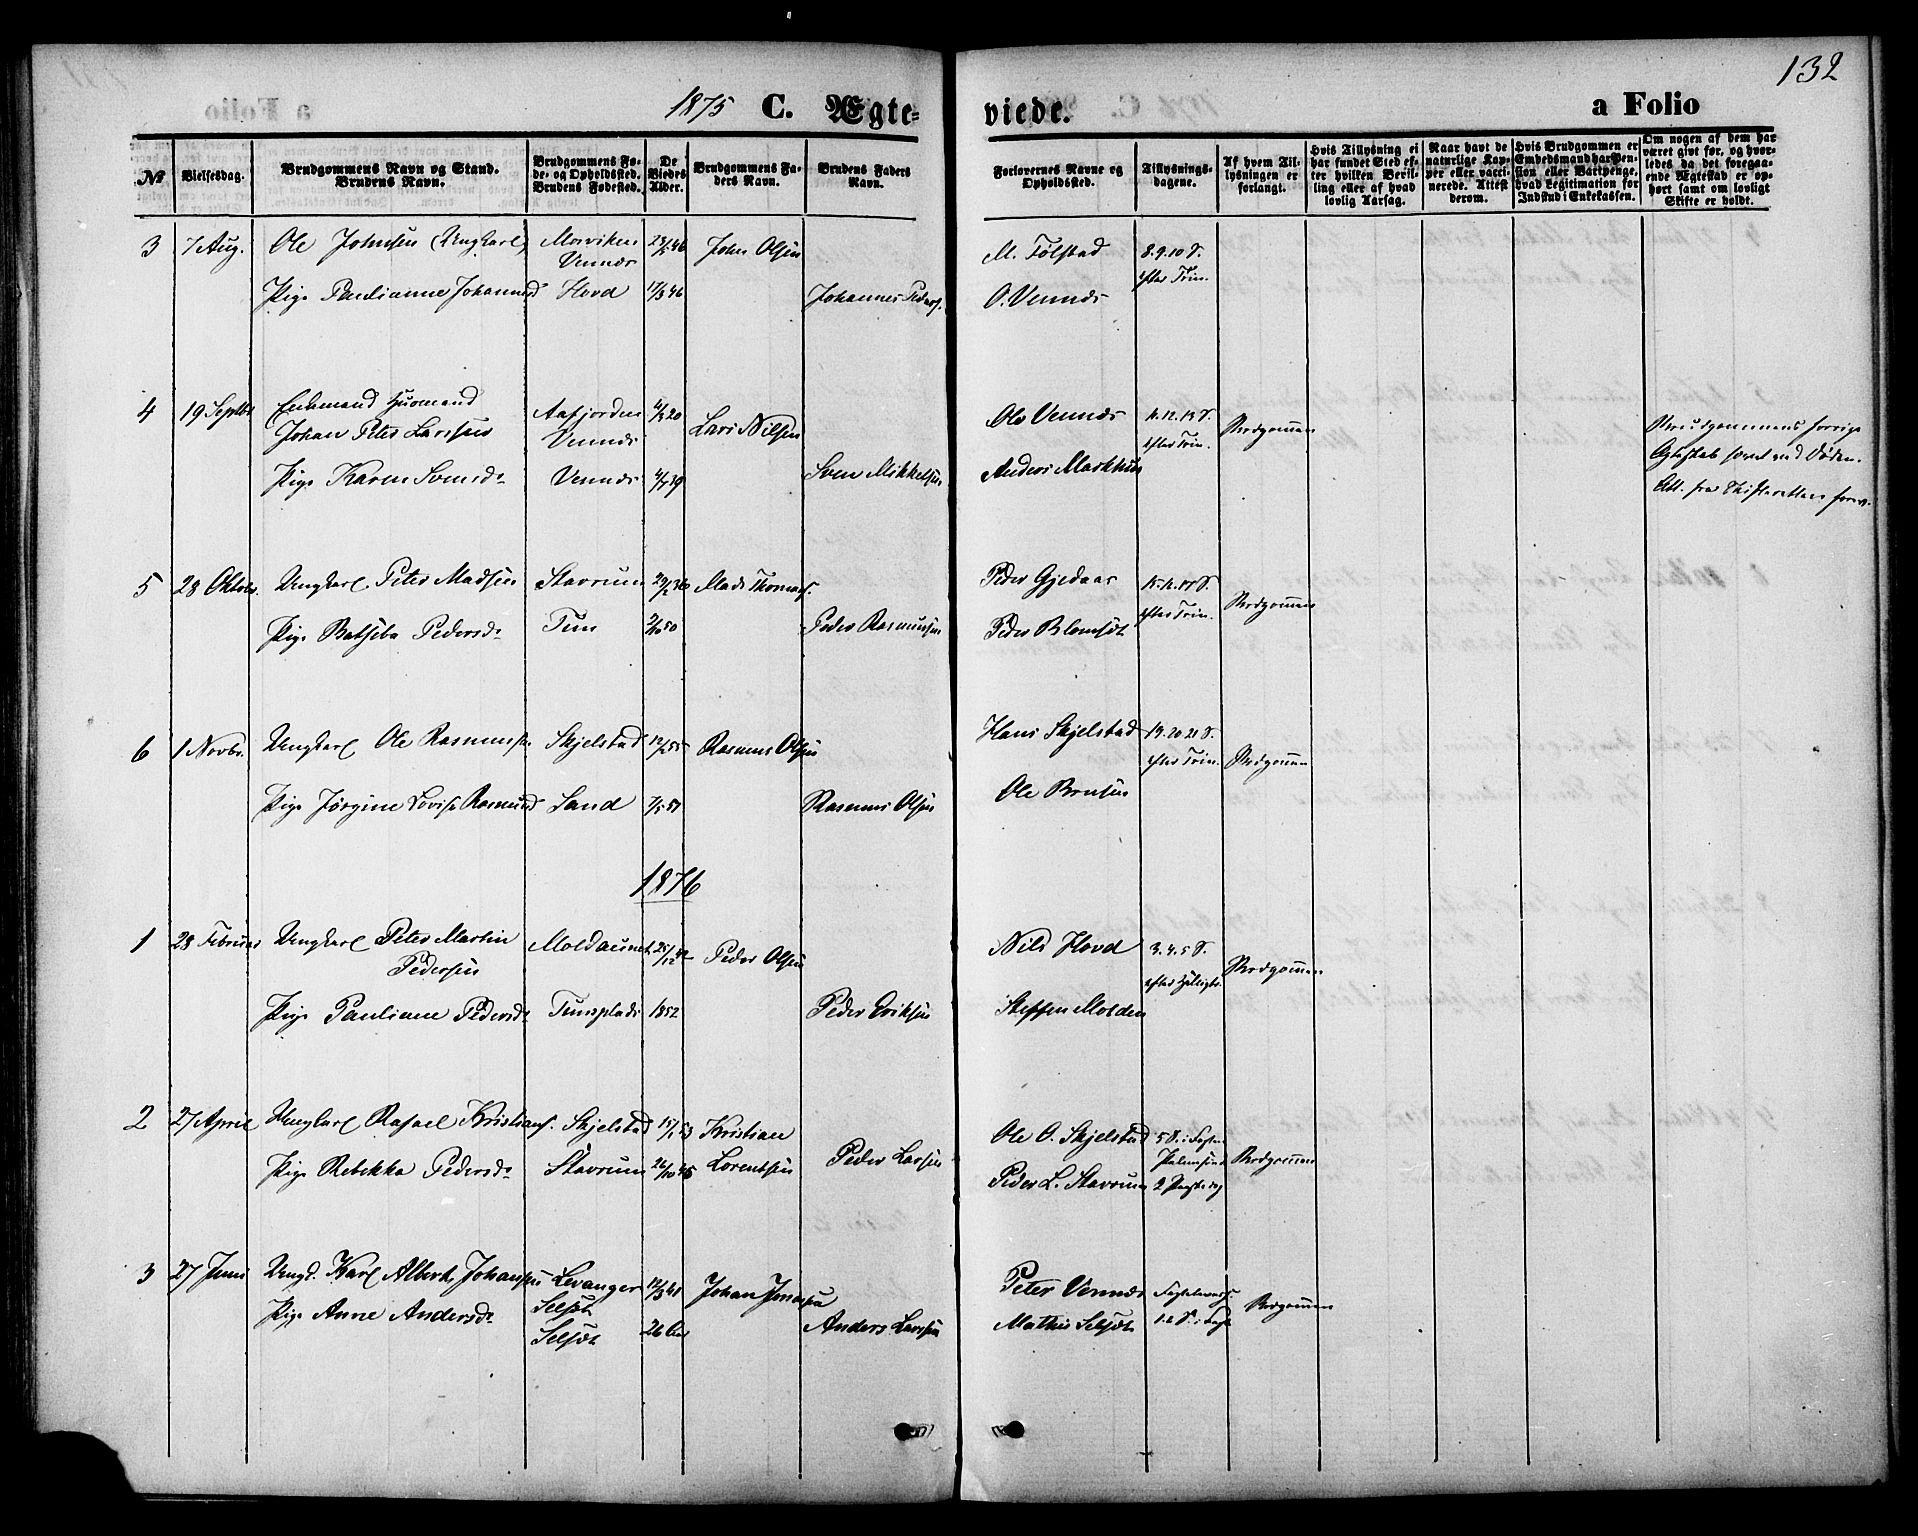 SAT, Ministerialprotokoller, klokkerbøker og fødselsregistre - Nord-Trøndelag, 744/L0419: Ministerialbok nr. 744A03, 1867-1881, s. 132